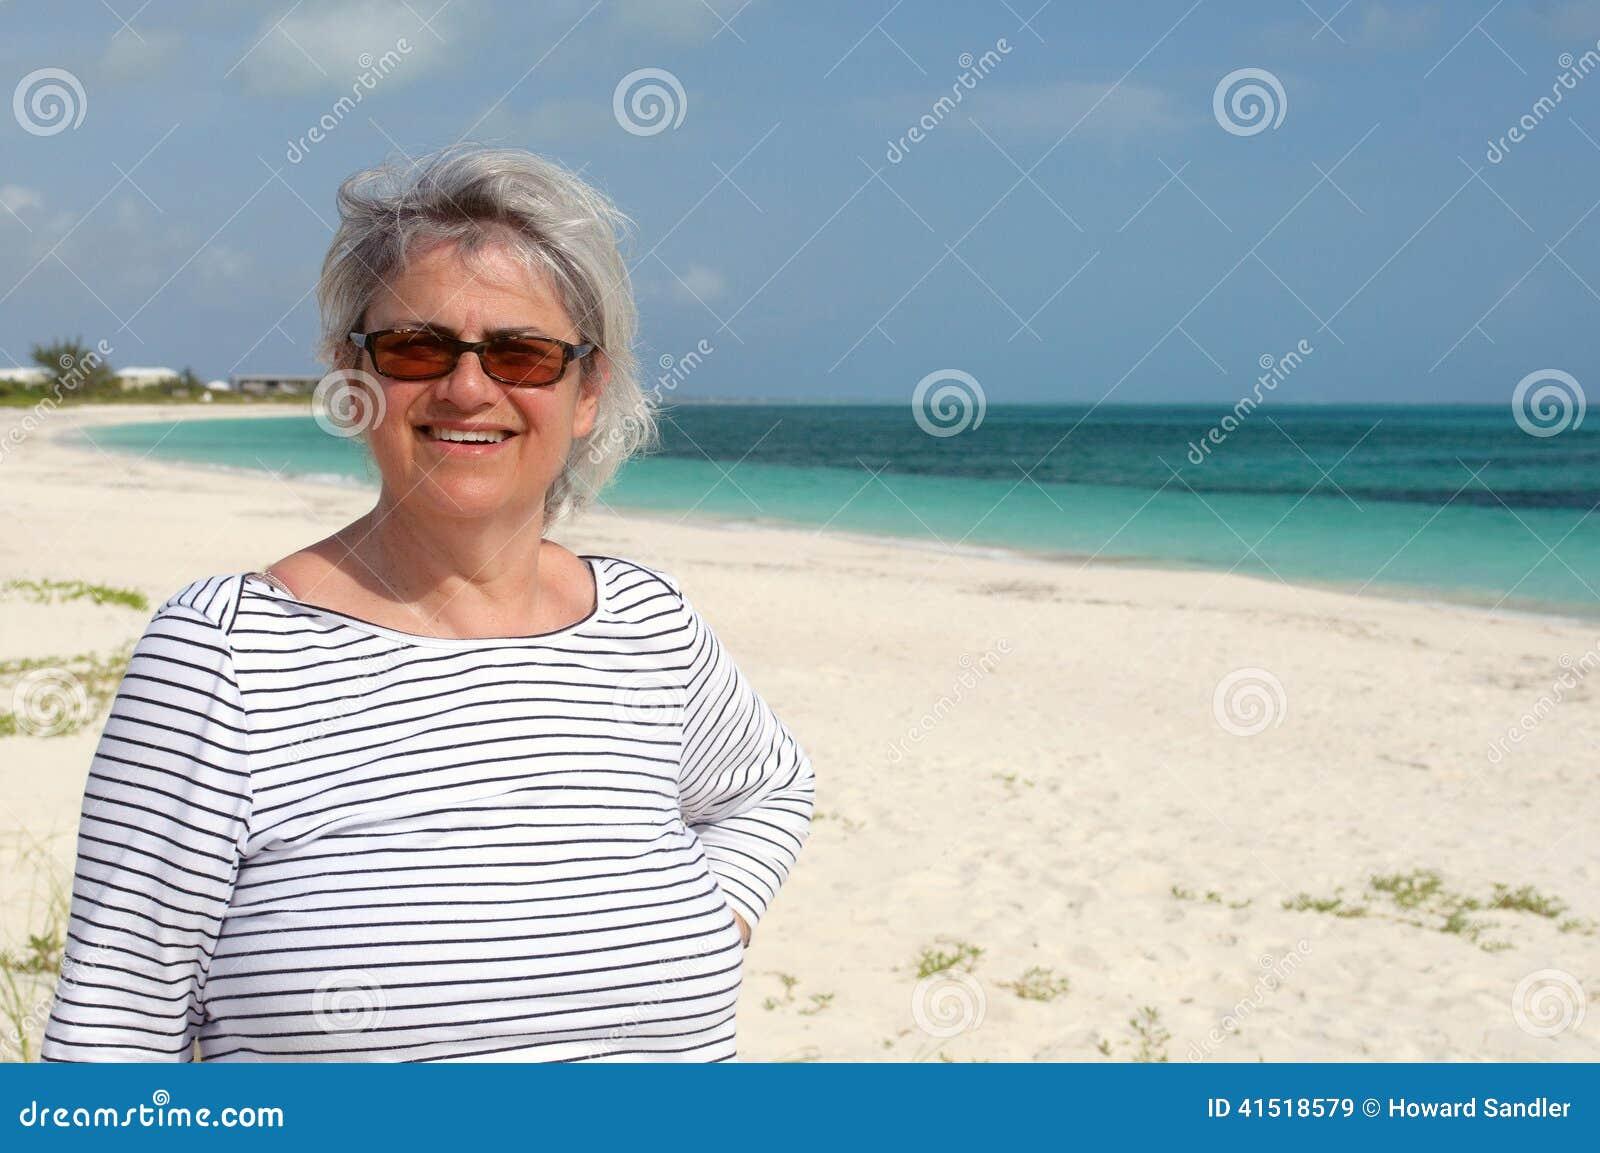 Mujer madura en la playa, turcos y caicos